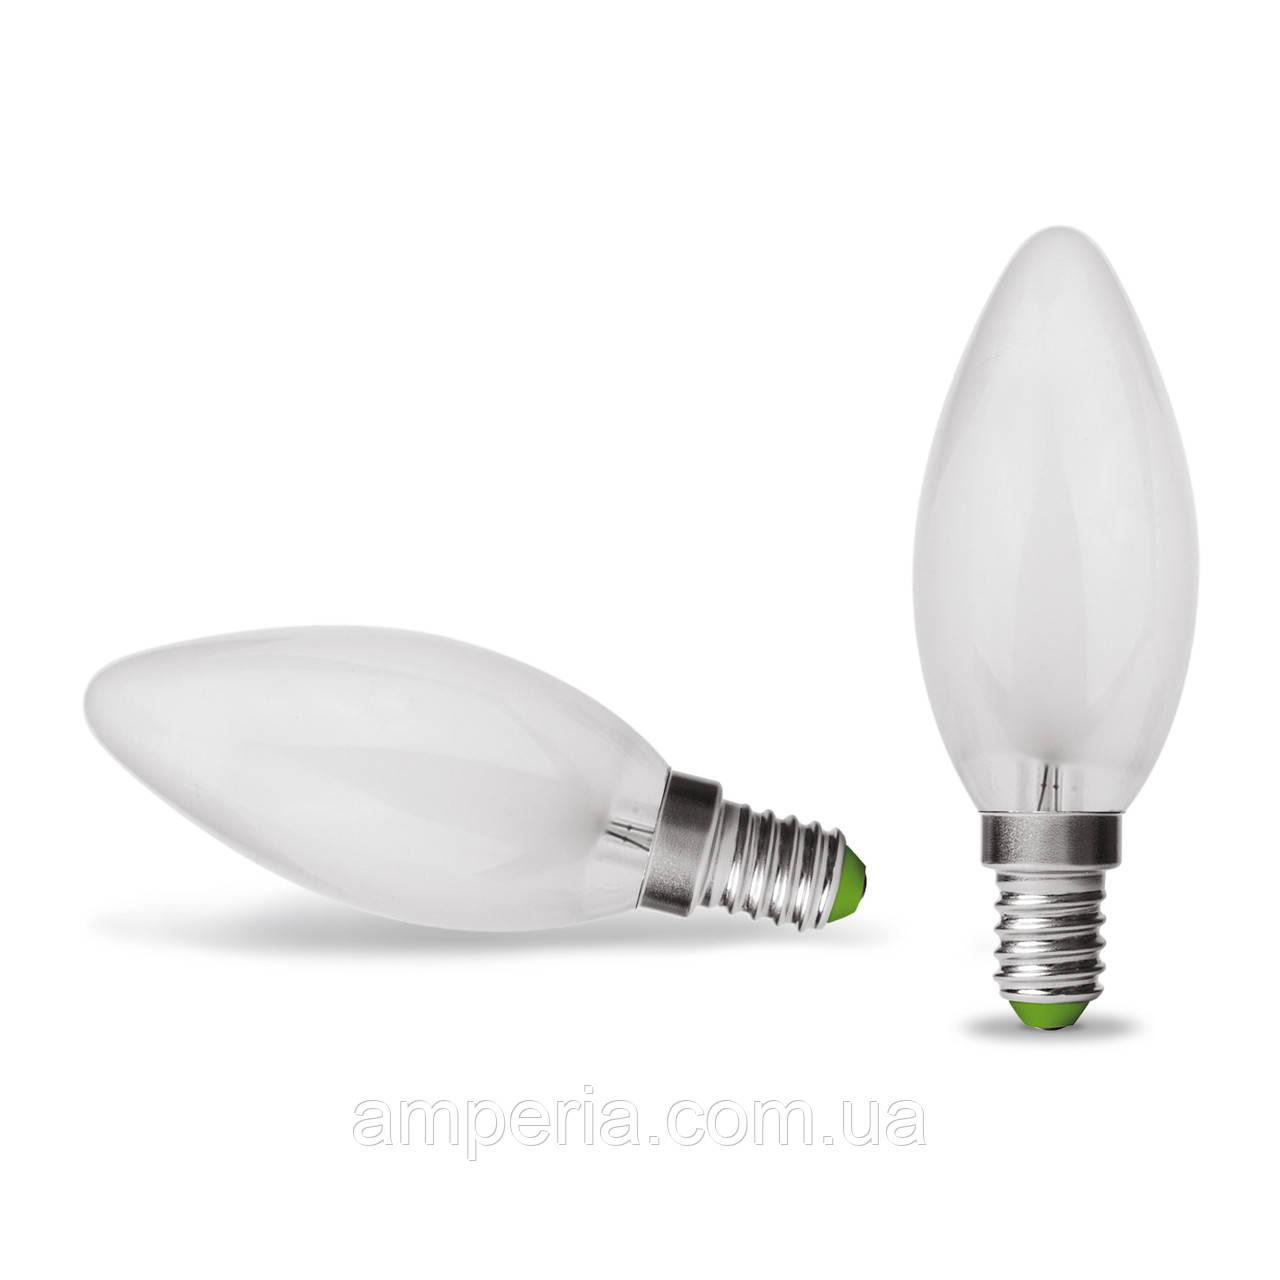 EUROLAMP LED Лампа Свеча ArtDeco 4W E14 4000K (матовая) (LED-CLF-04144(deco))